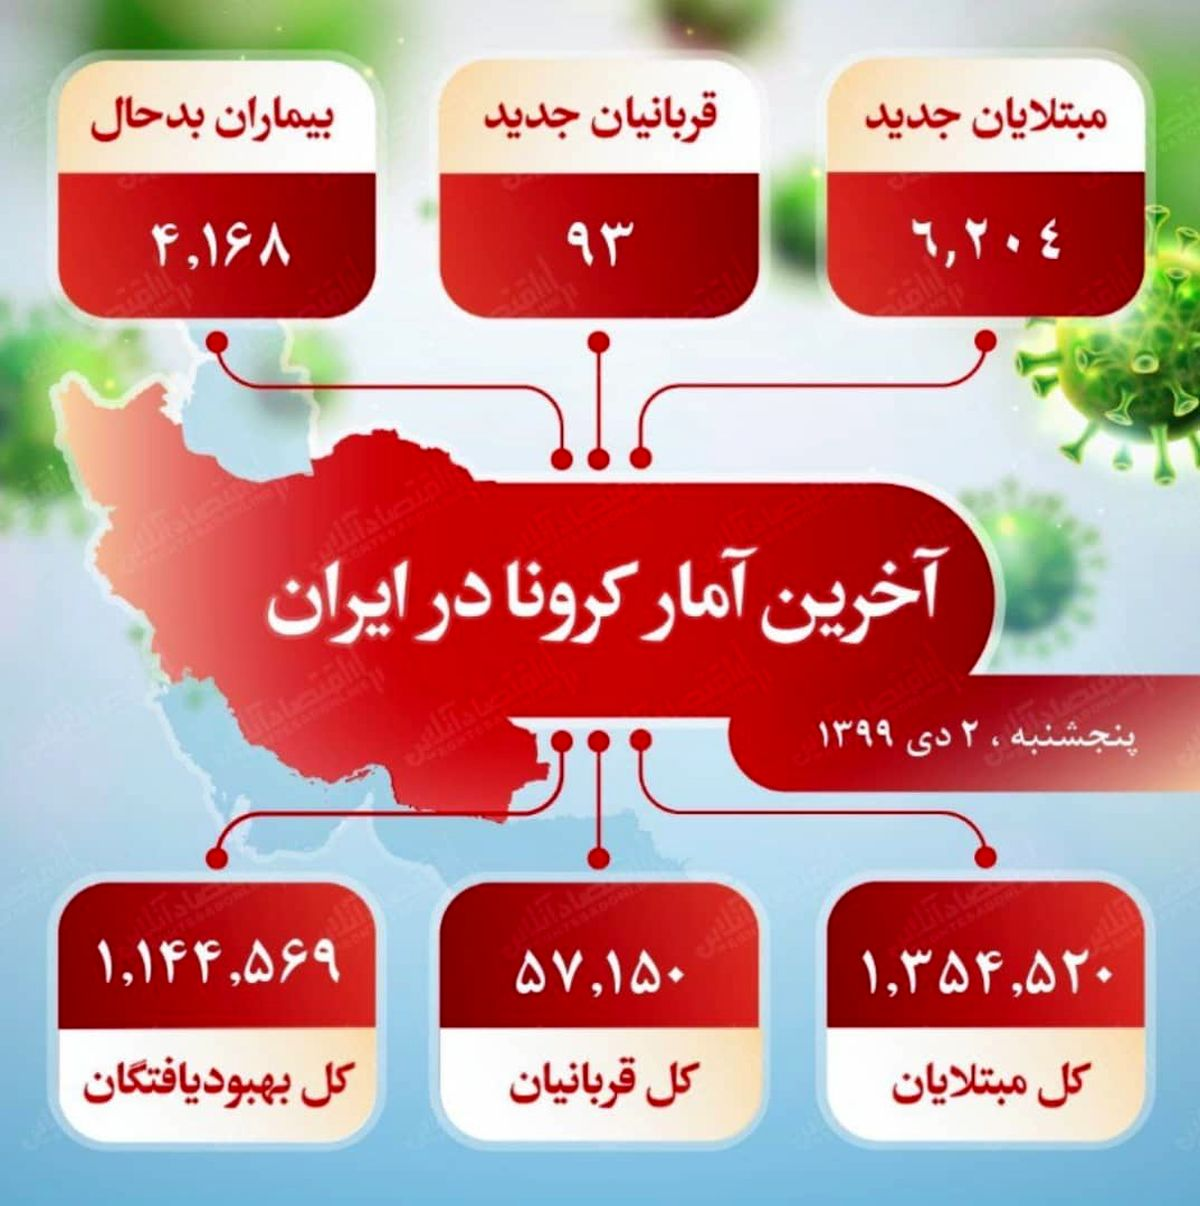 آخرین آمار کرونا در ایران (۹۹/۱۱/۲)